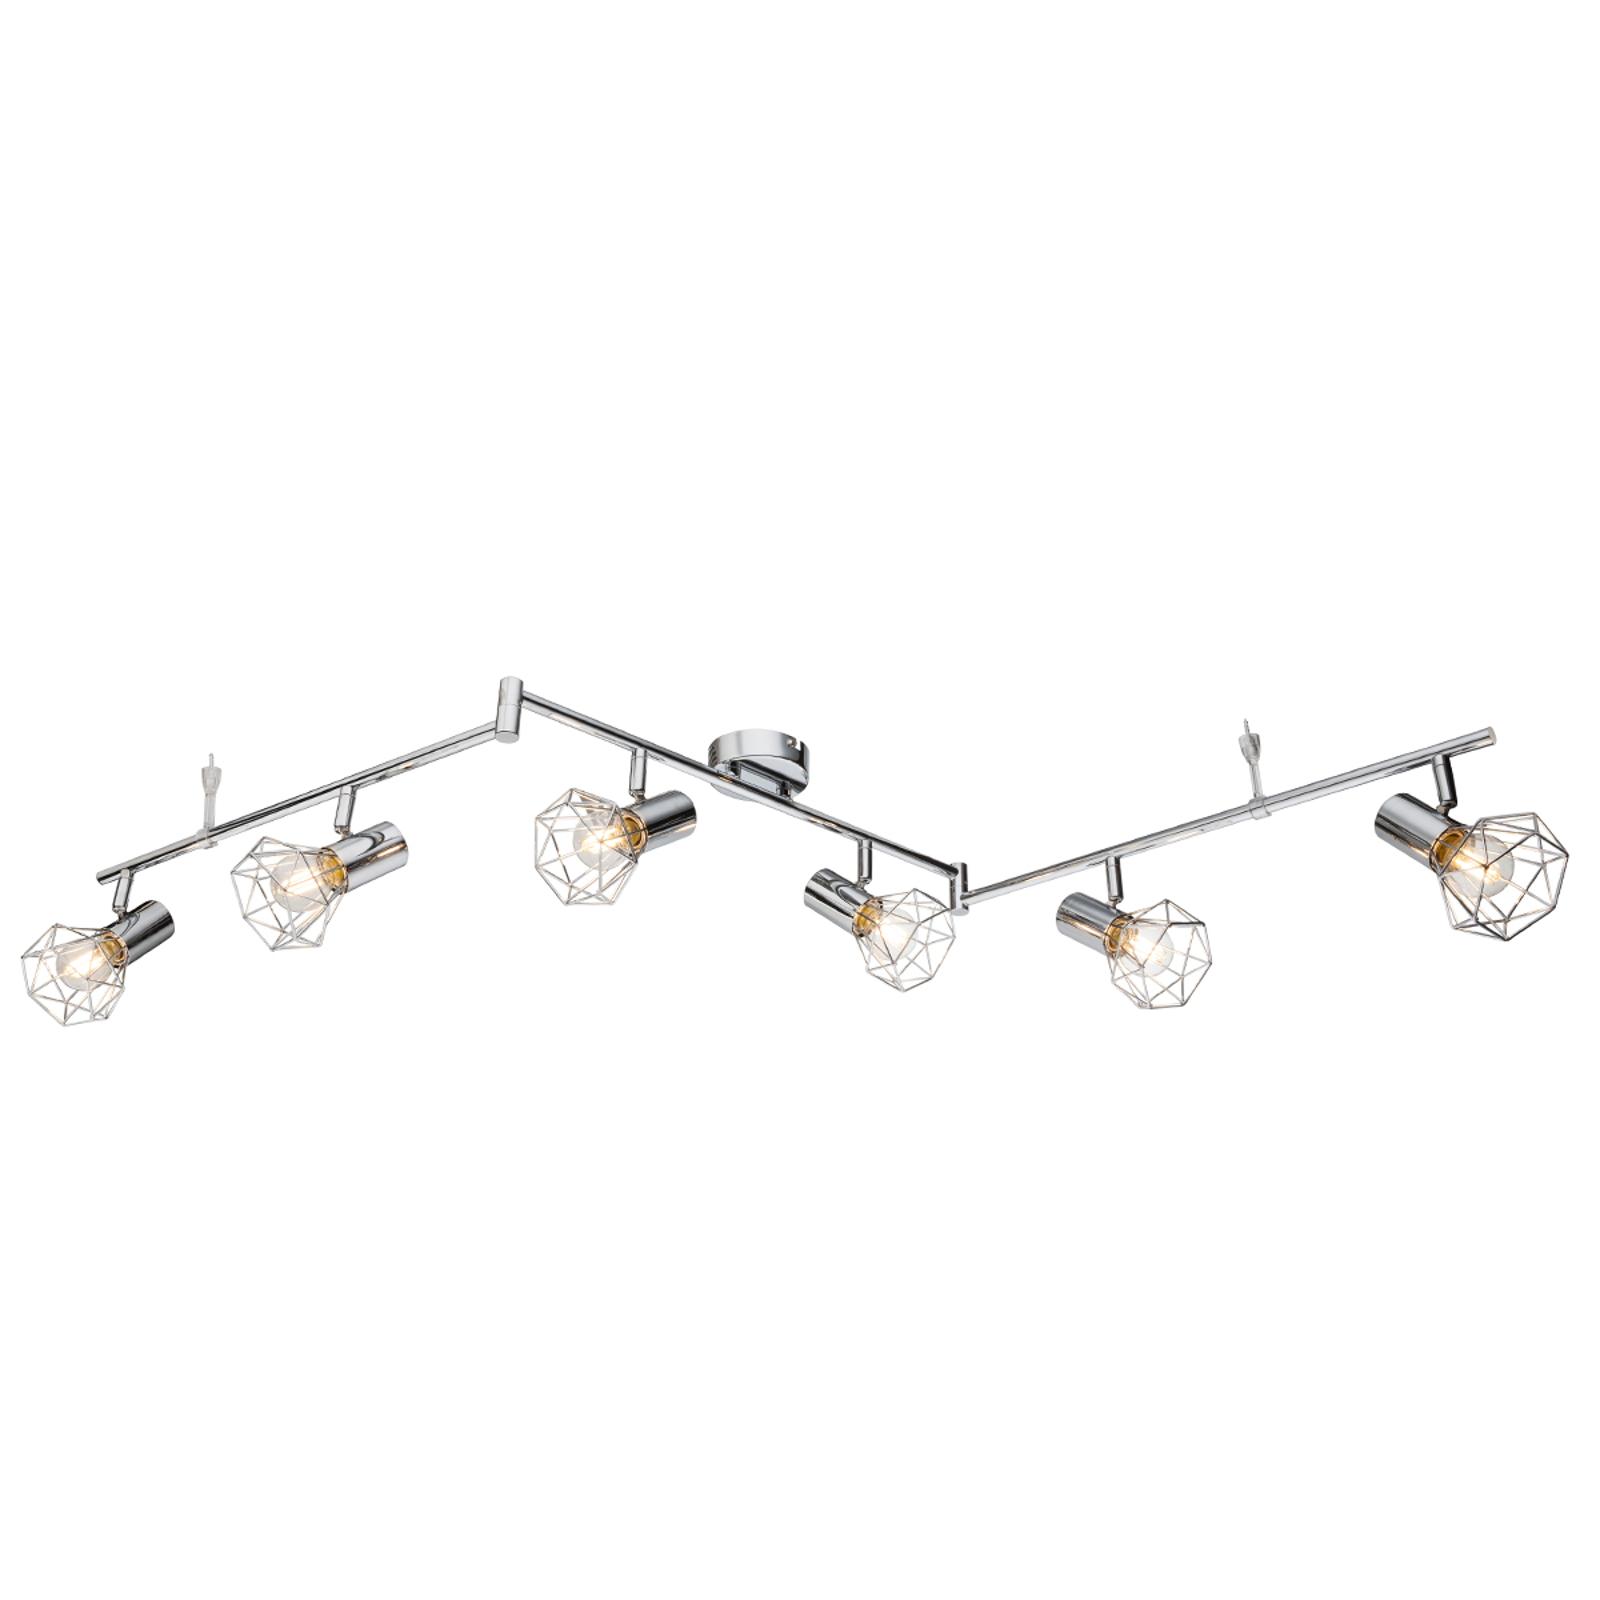 Plafondlamp Daiva met zes lichtbronnen